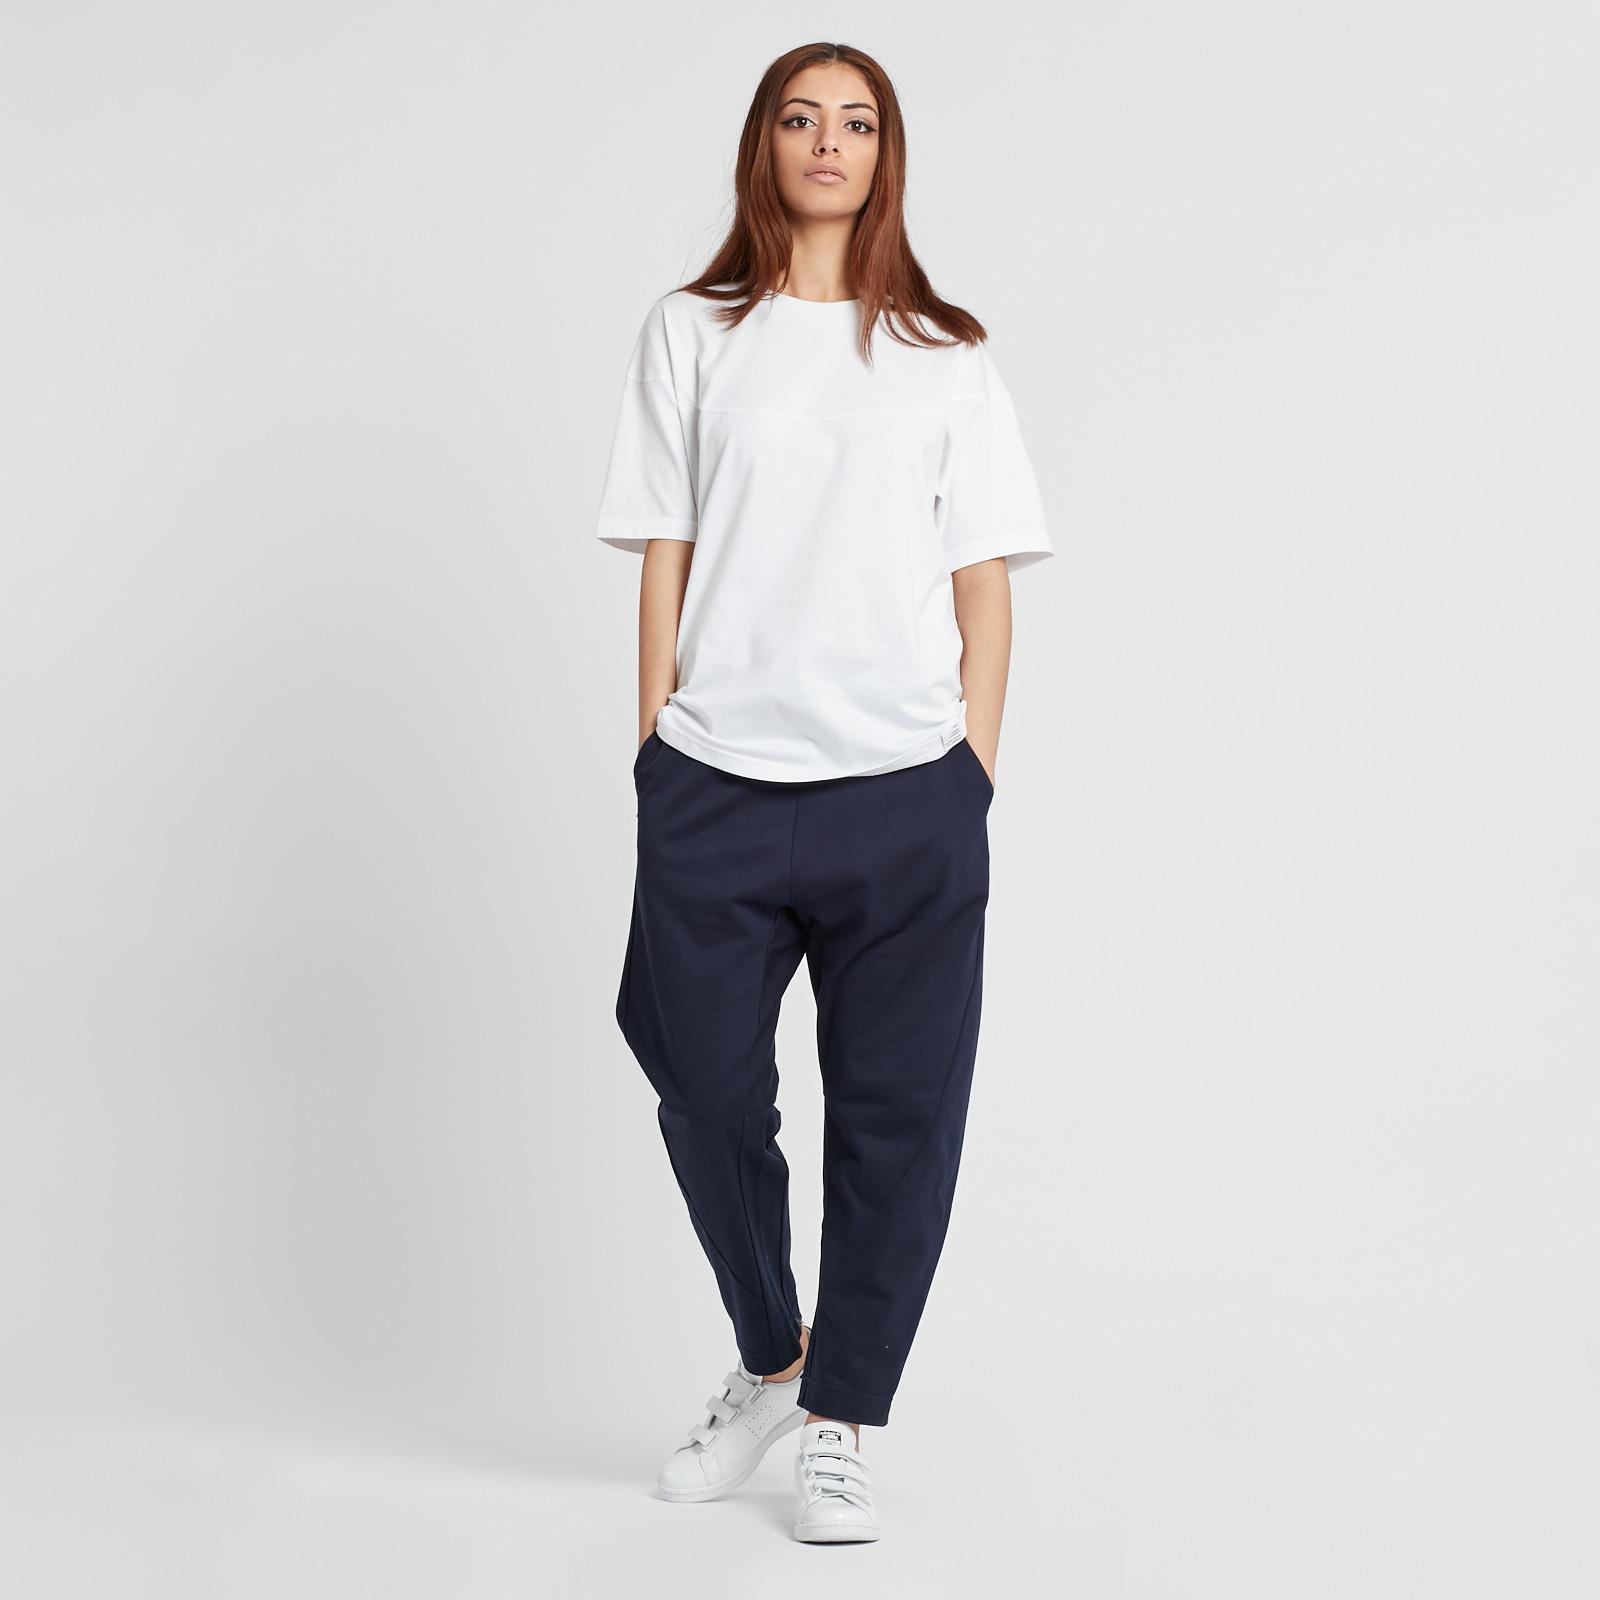 f7f7b5ec3 adidas Xbyo Pants - Bk2288 - Sneakersnstuff | sneakers & streetwear online  since 1999